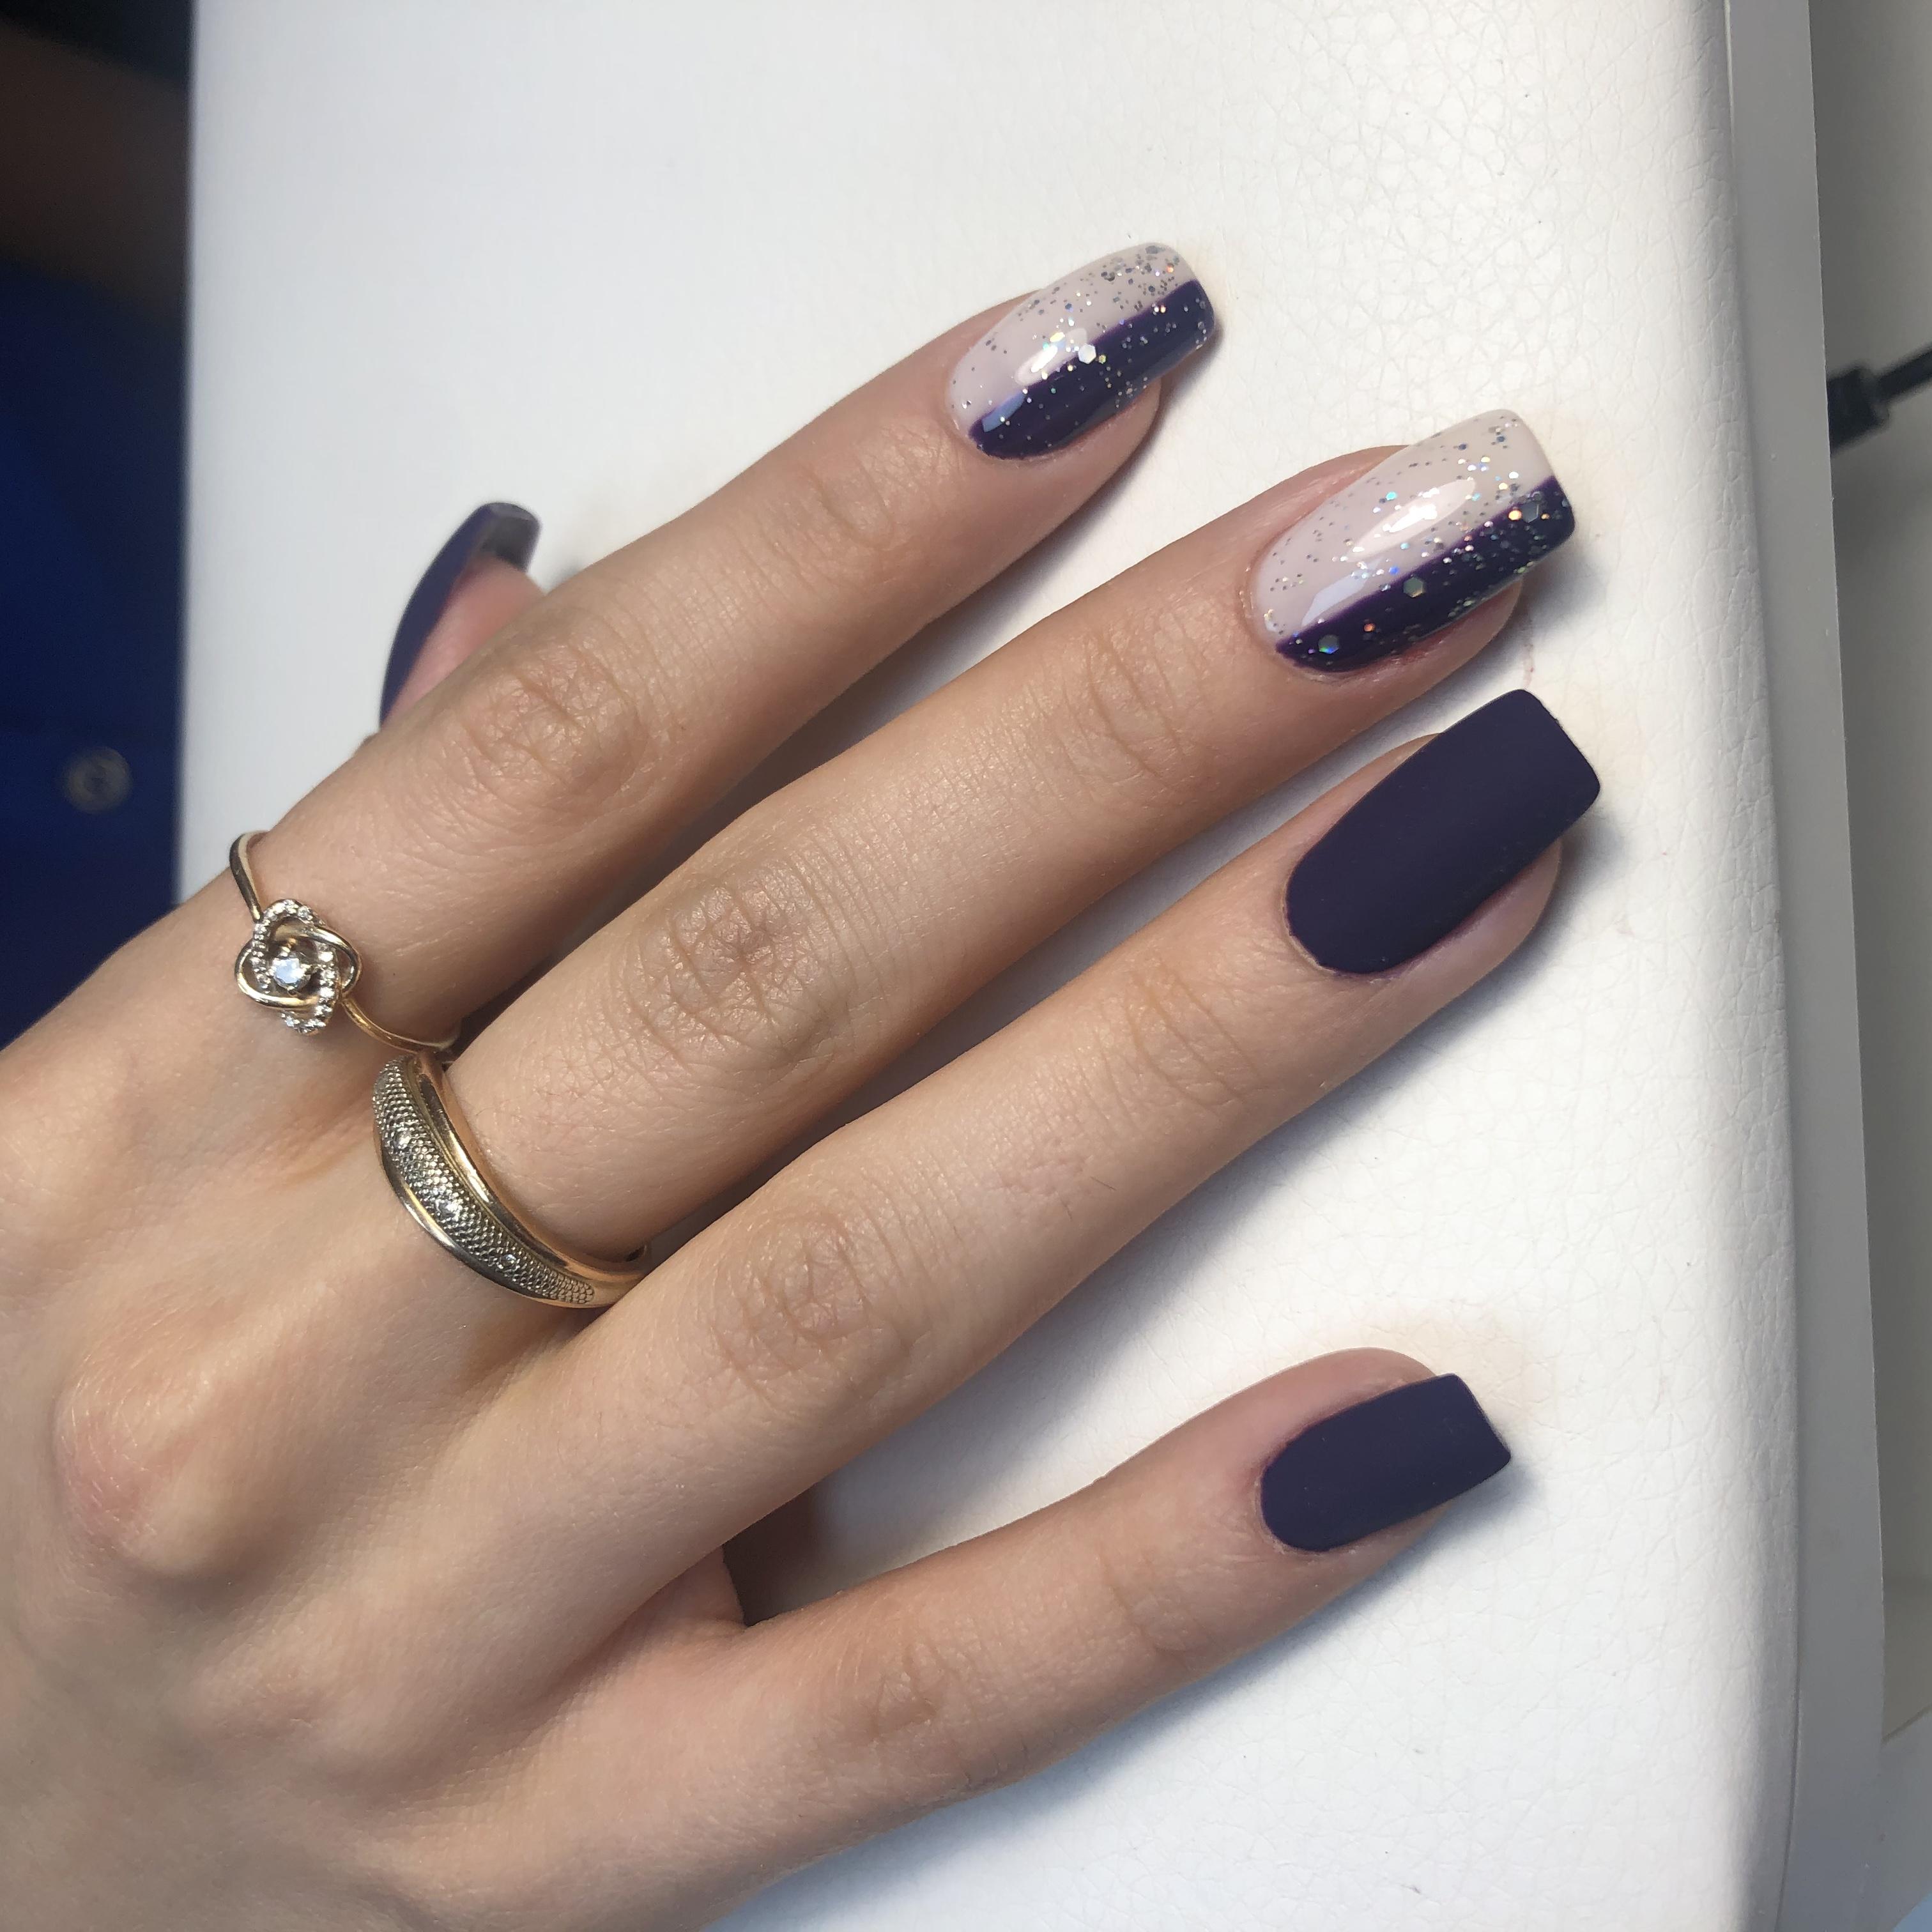 Матовый маникюр с блестками в темно-синем цвете на длинные ногти.